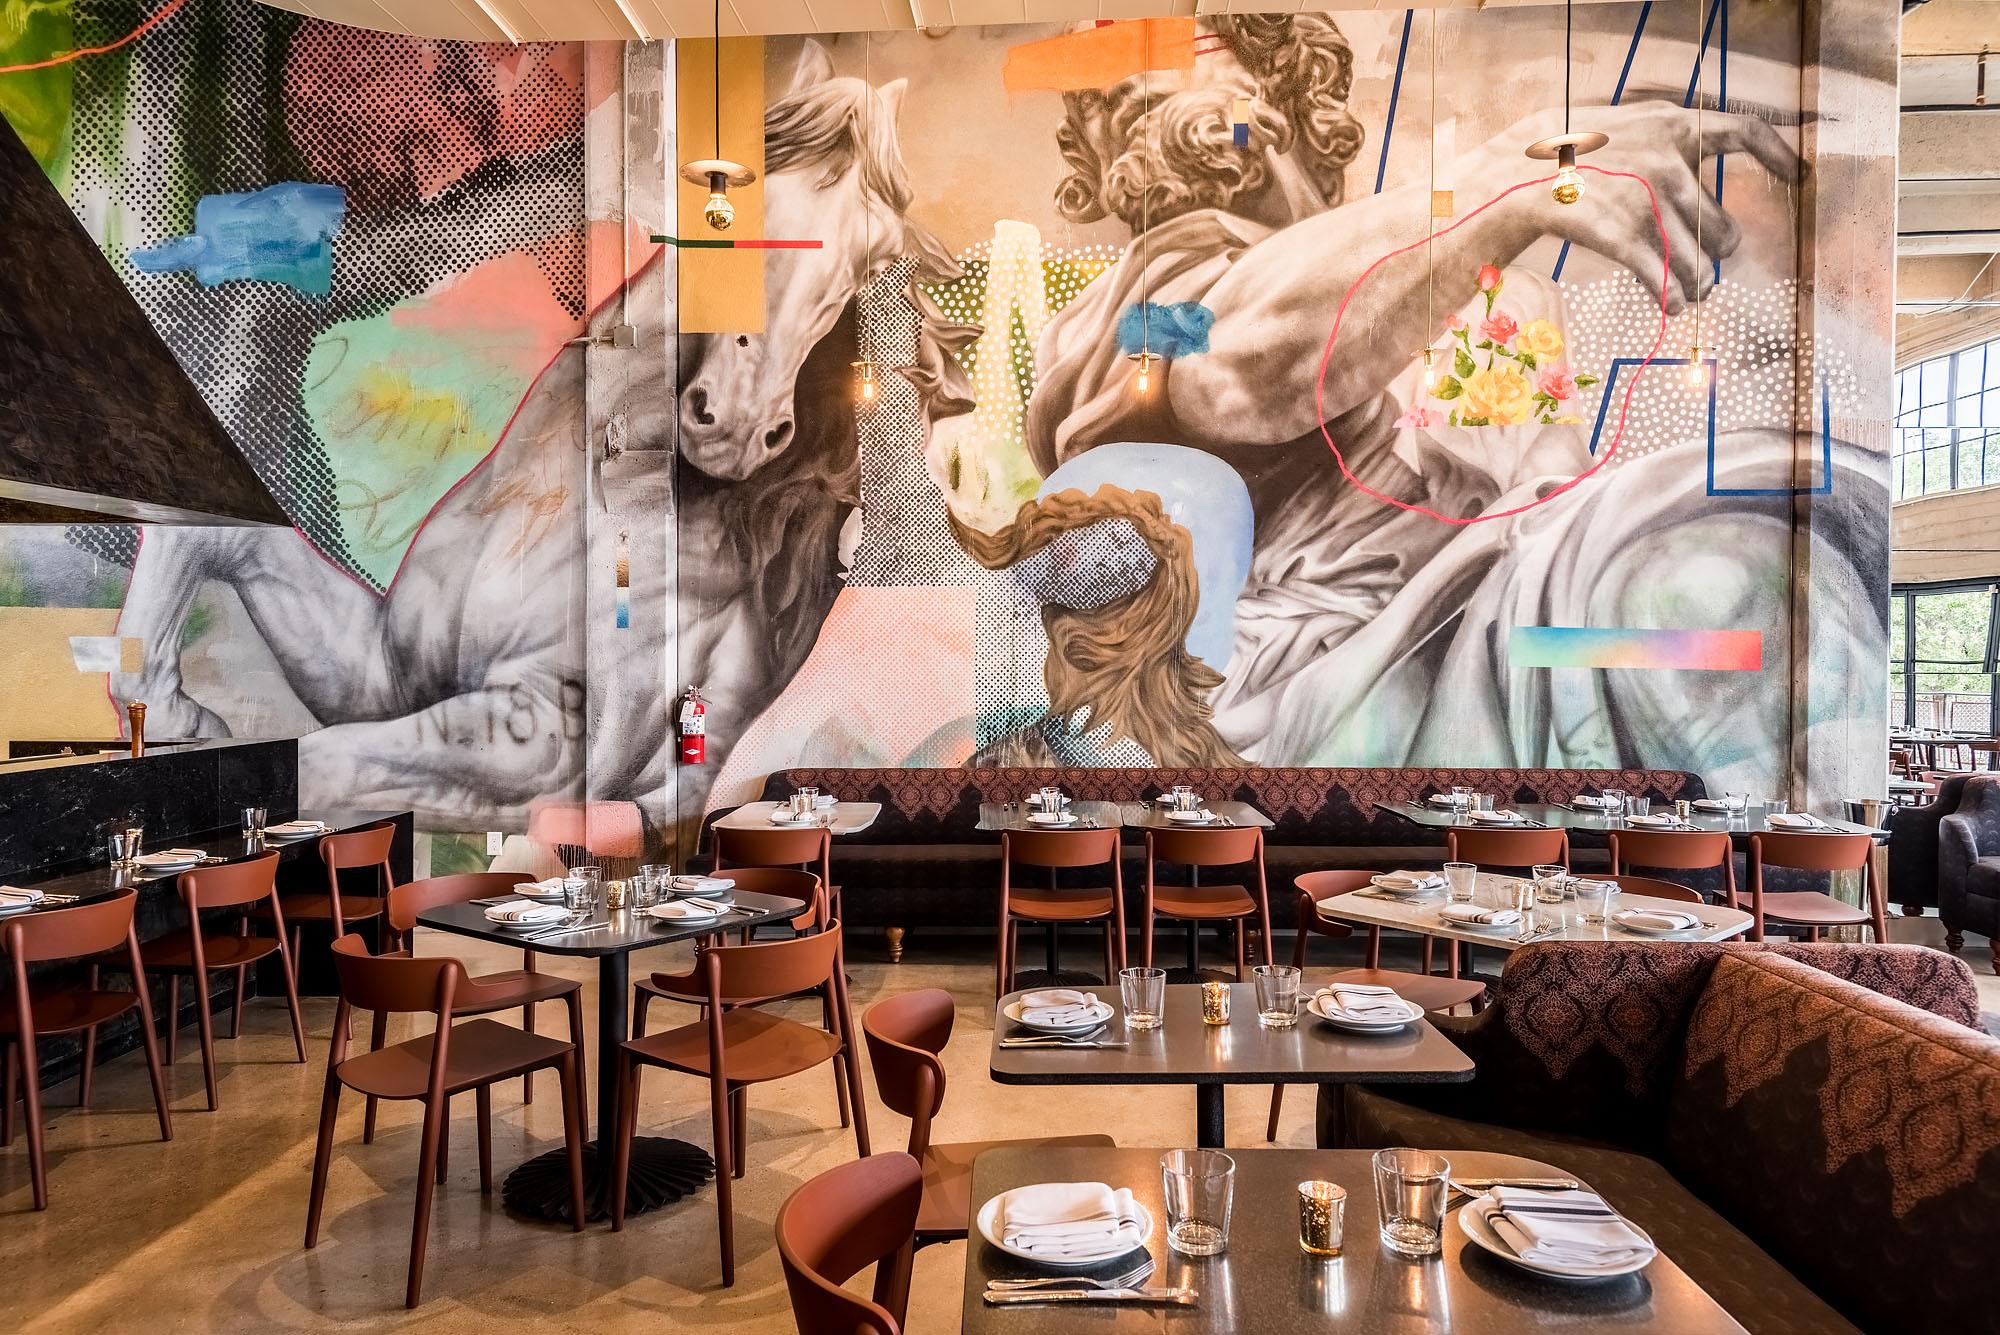 Rossoblu Brings LA's Grandest Italian Dreams to Life